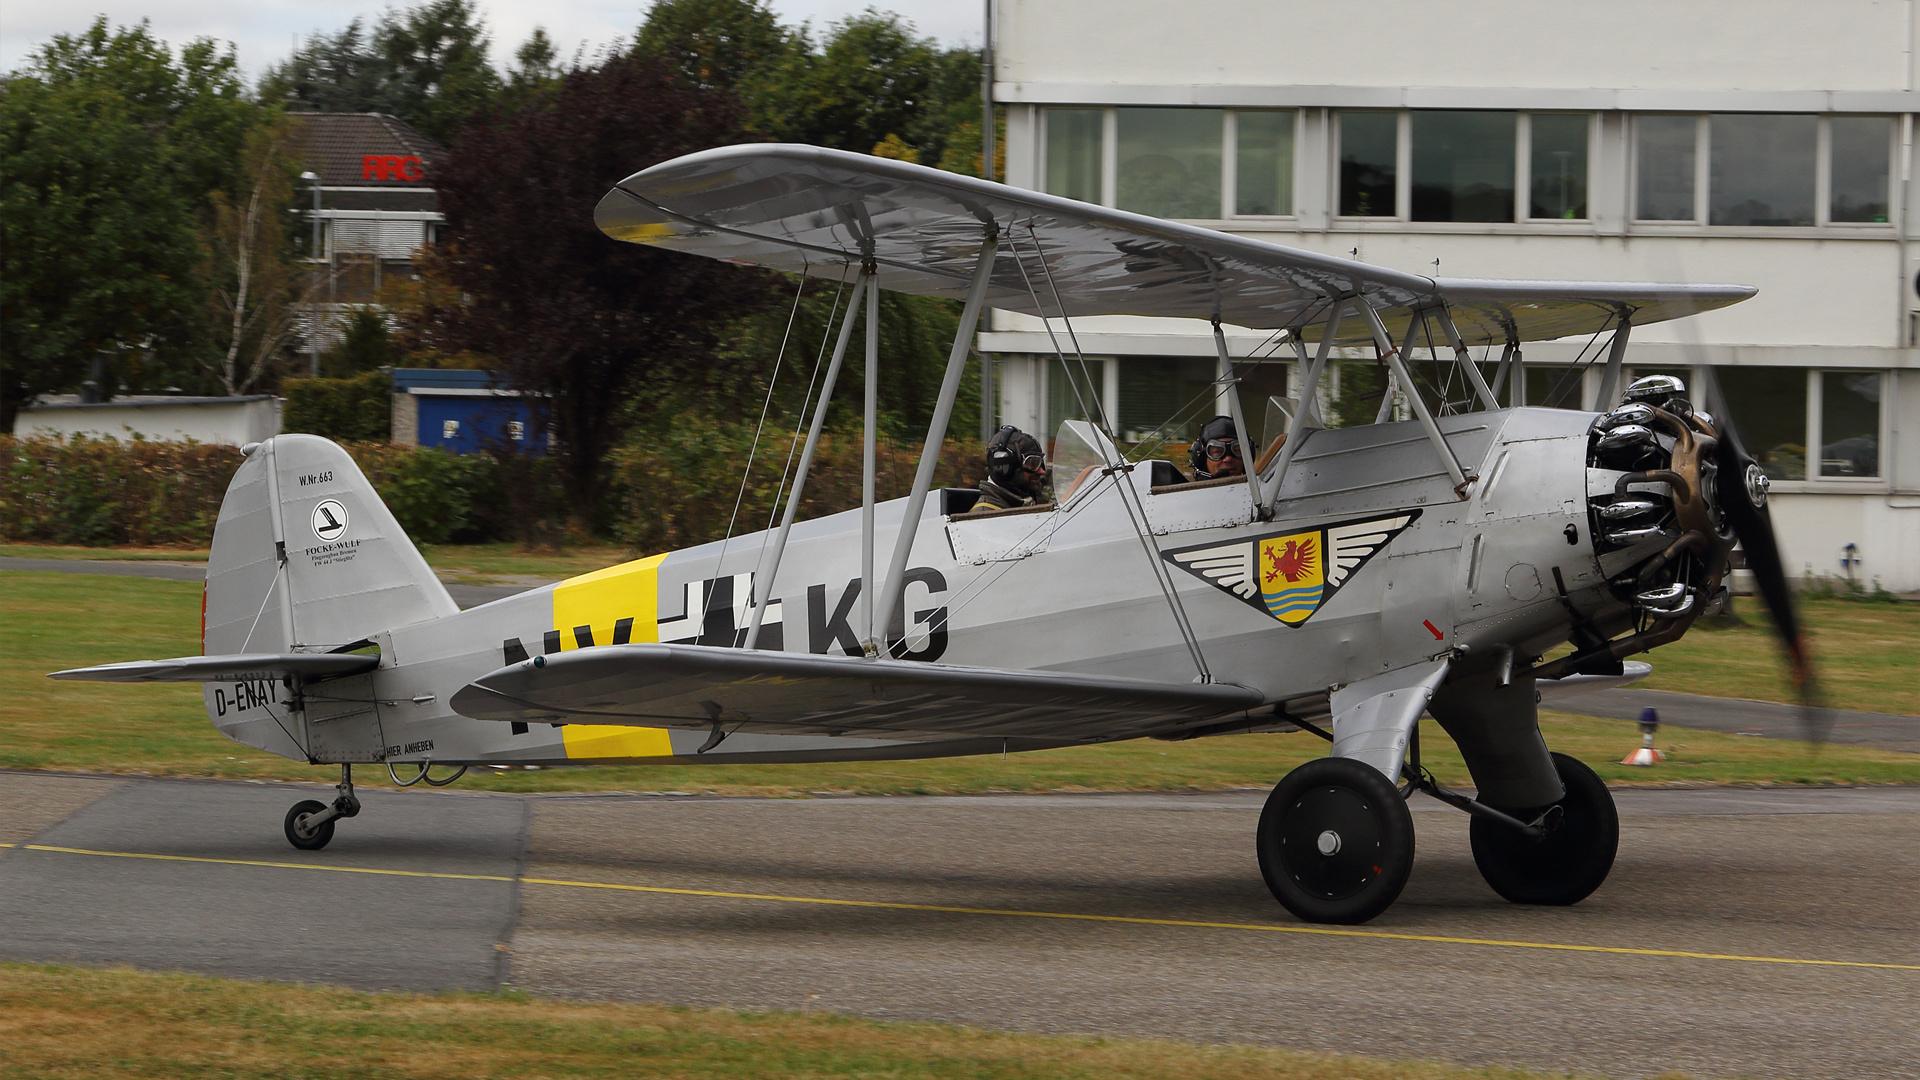 D-ENAY-1 FW44 ESS 201610